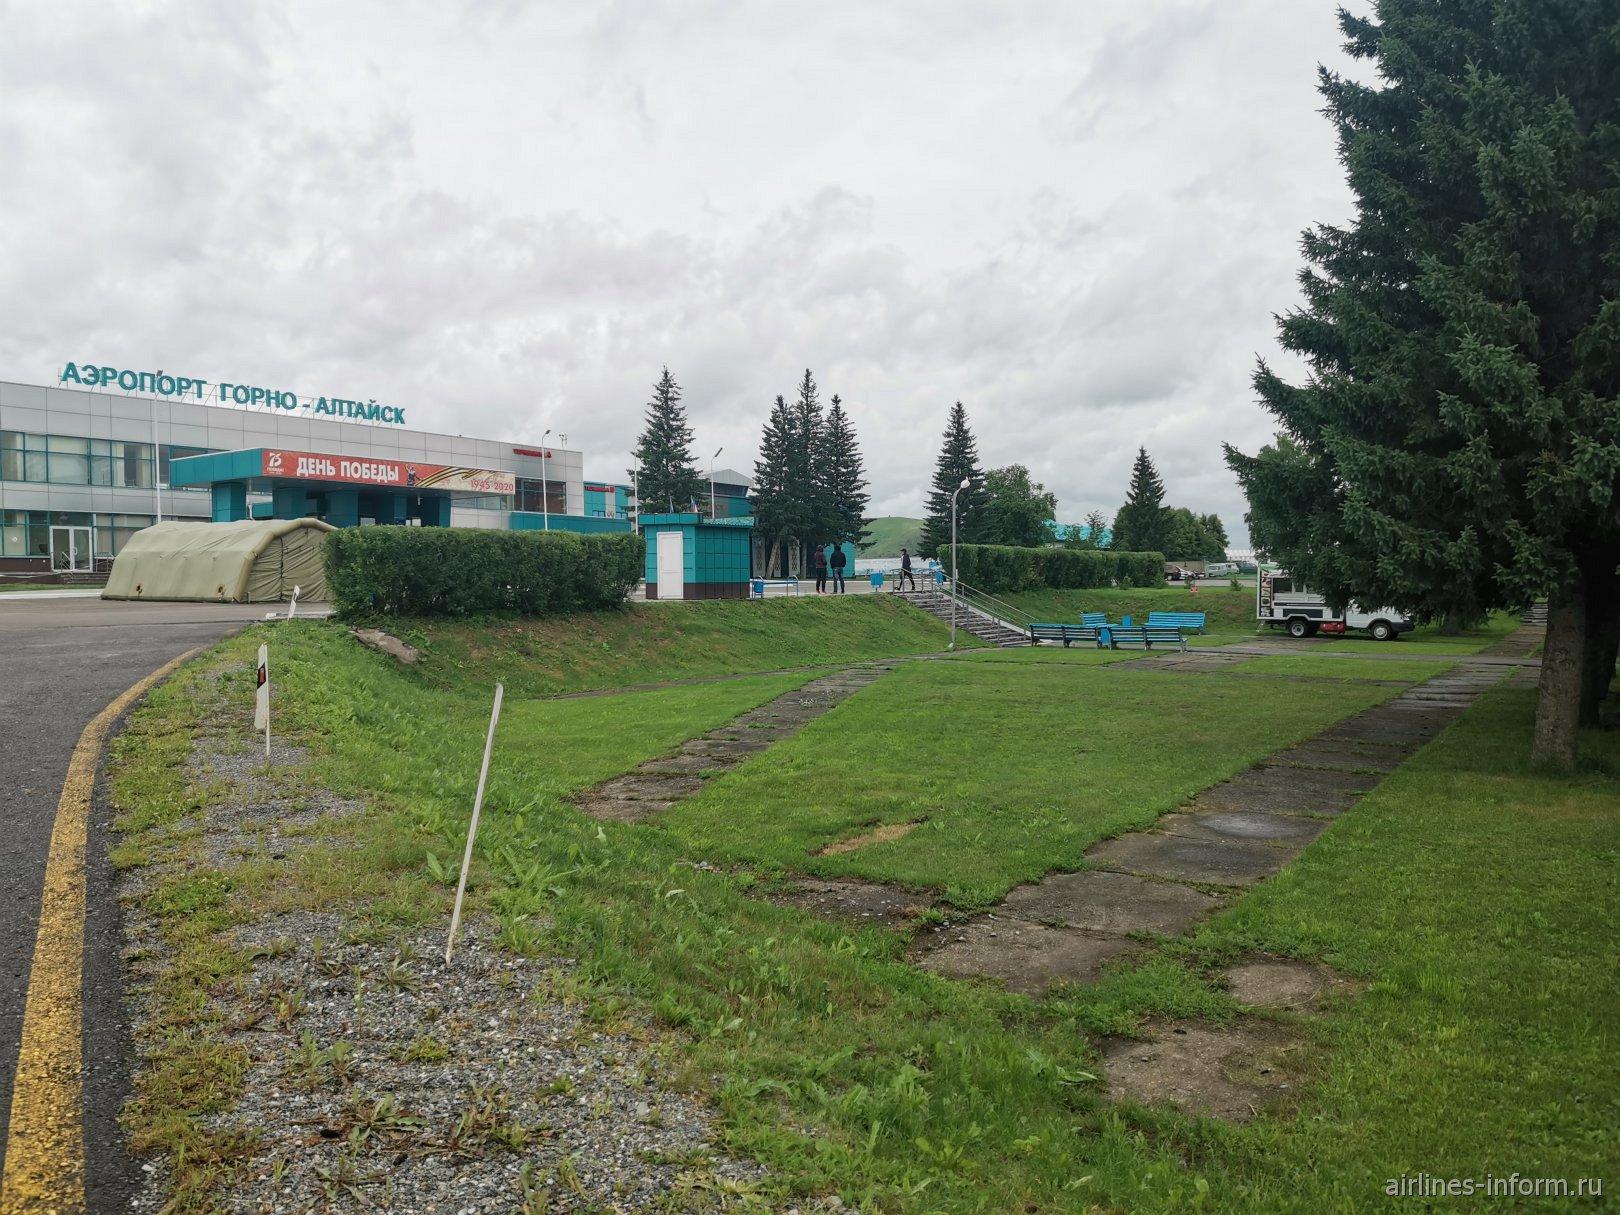 Привокзальная площадь аэропорта Горно-Алтайск